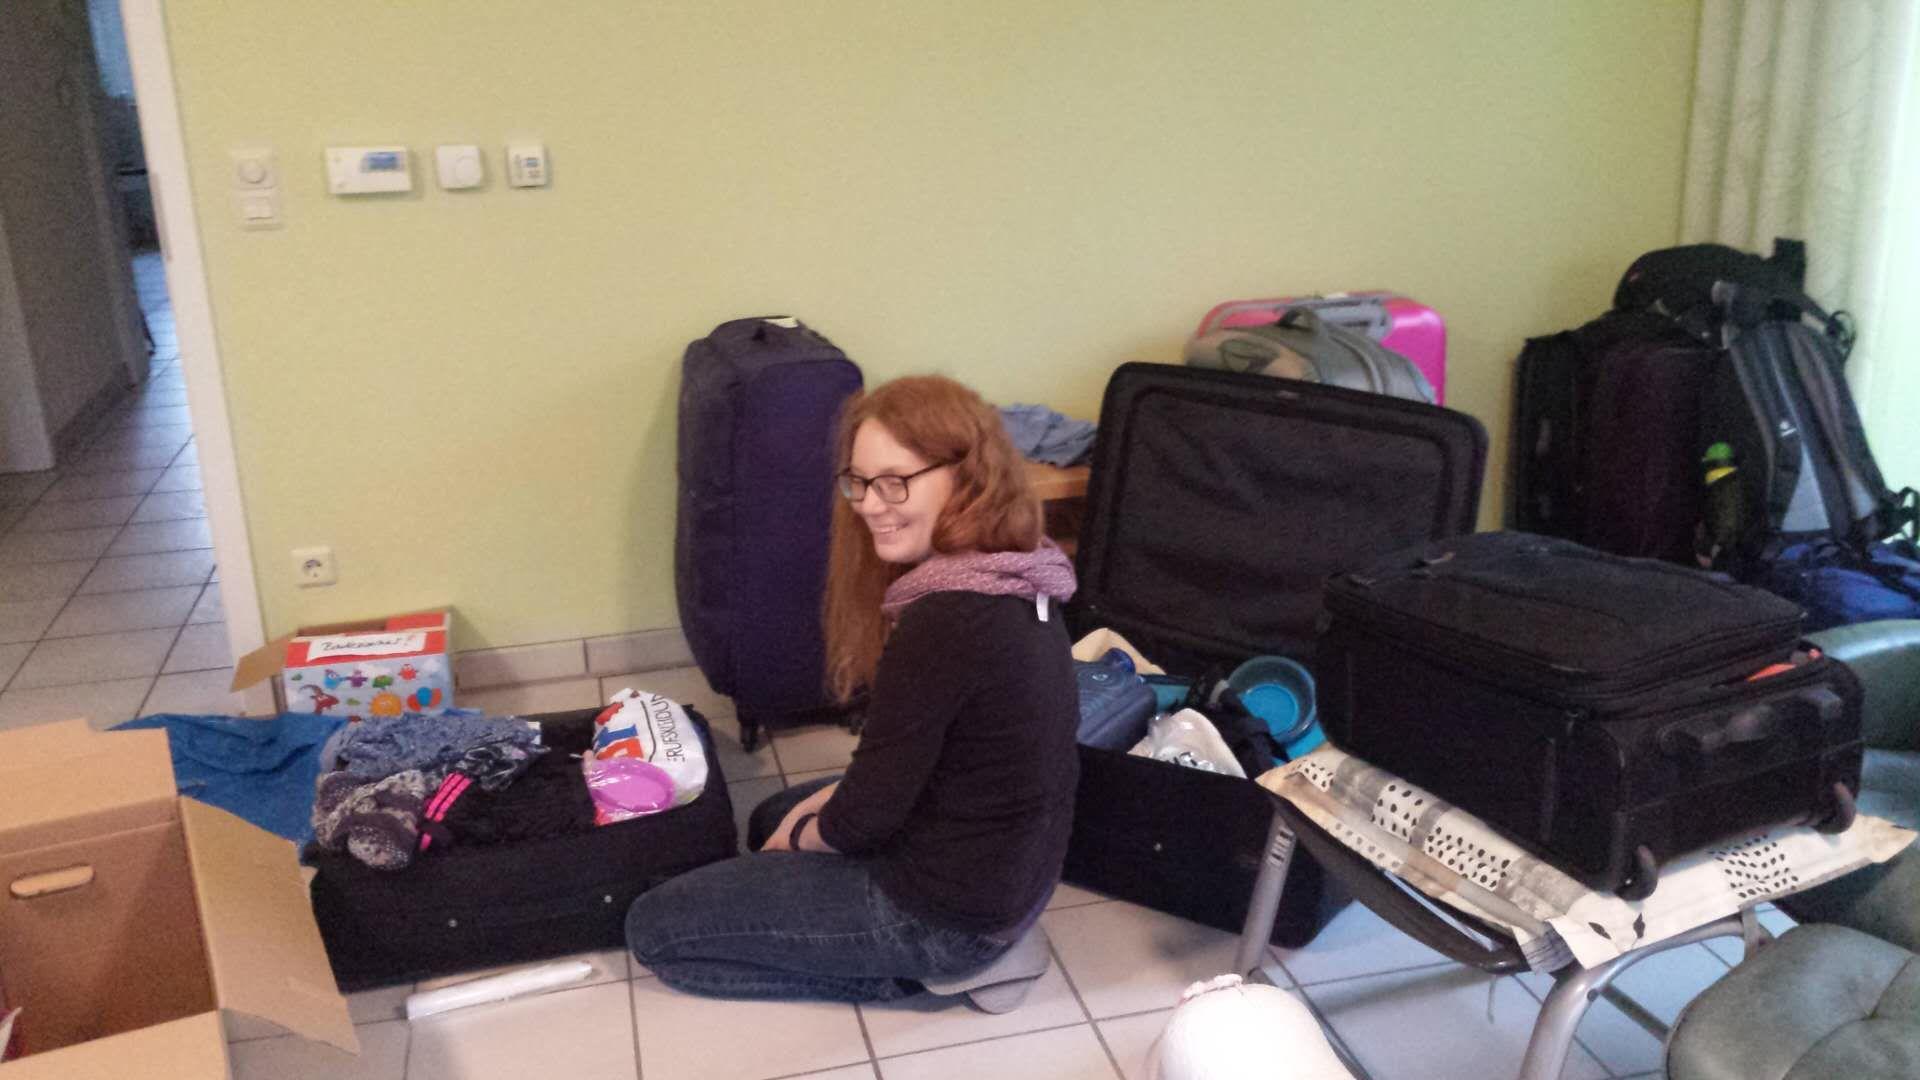 Hanna beim Einpacken